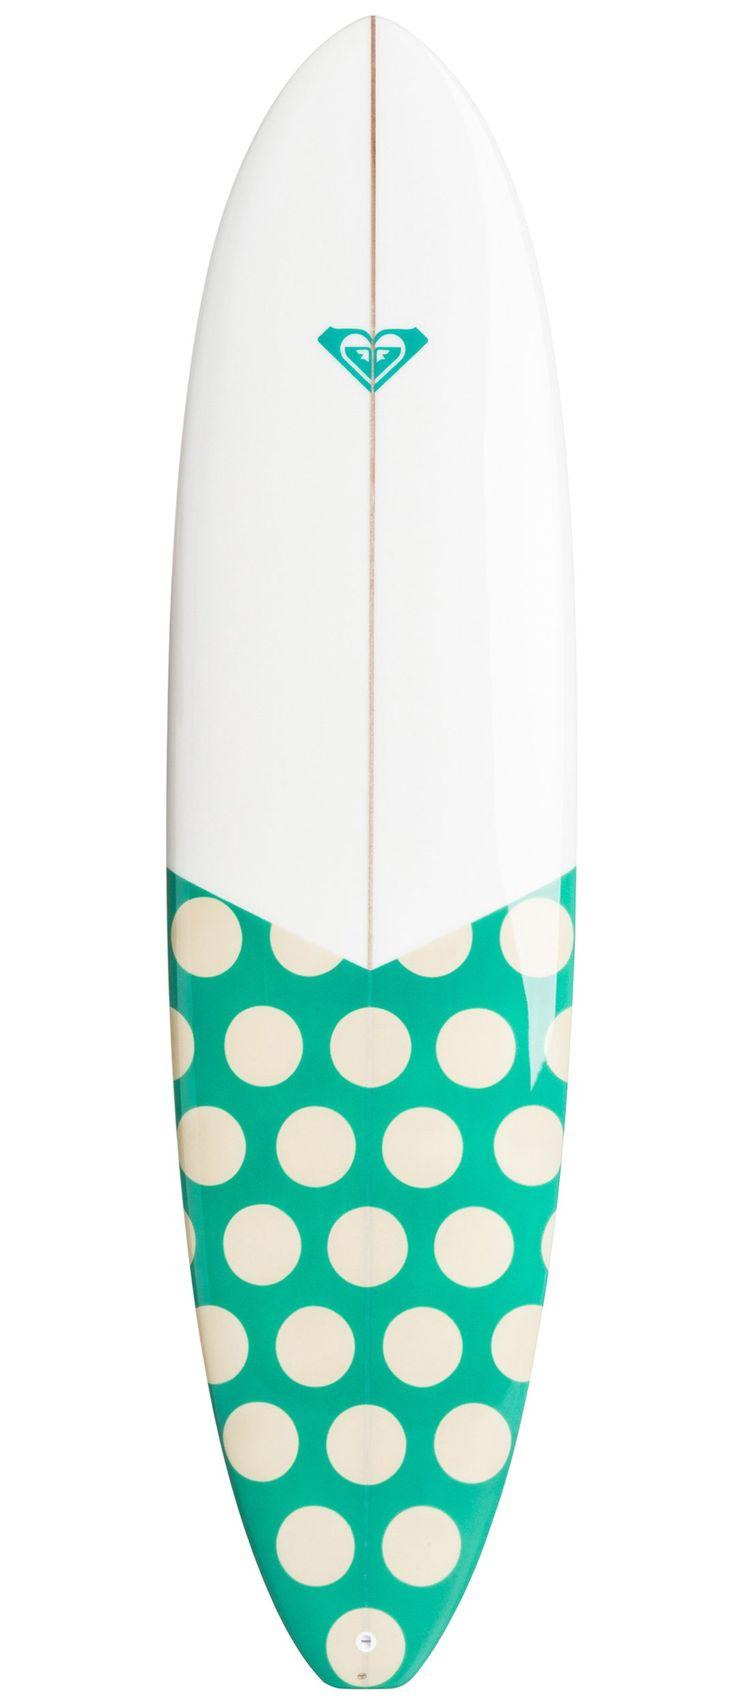 Mini Malibu #SURFBOARDS_TITLE_MODEL_BY# Roxy #SURFBOARDS_TITLE_END# Quiksilver